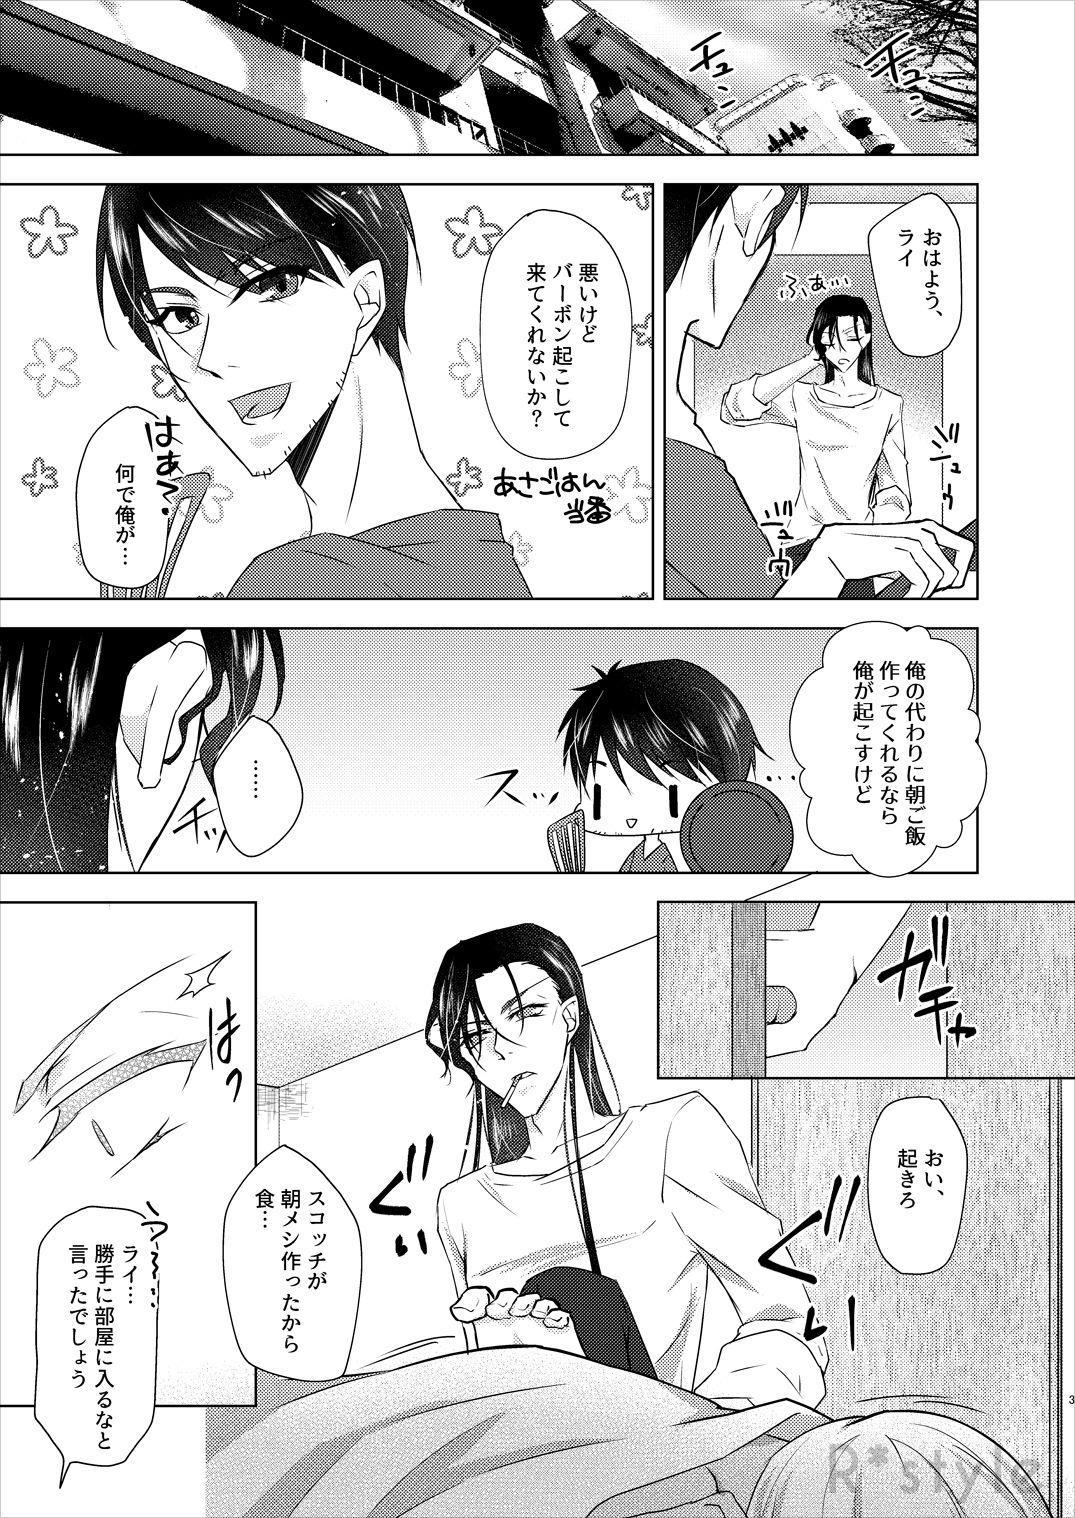 Kanojo wa Himitsu o Motteiru Side:RB 1